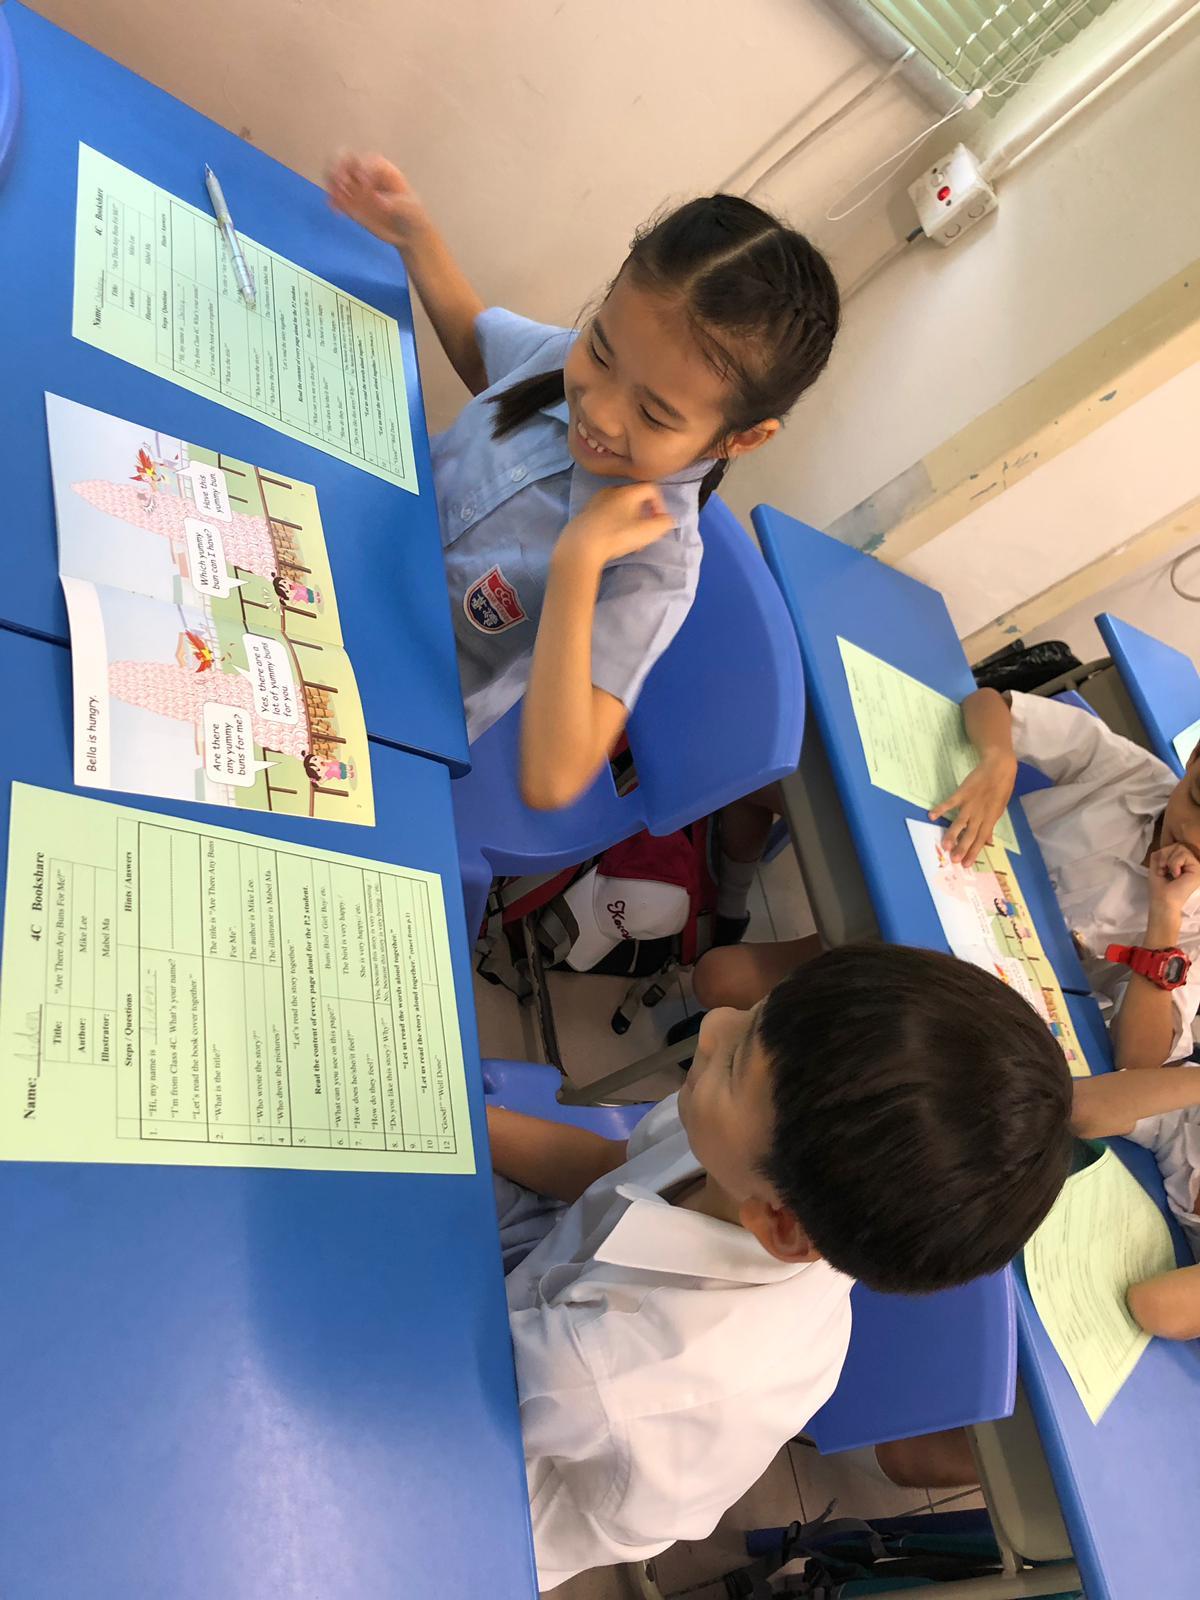 http://www.keiwan.edu.hk/sites/default/files/45_1.jpg